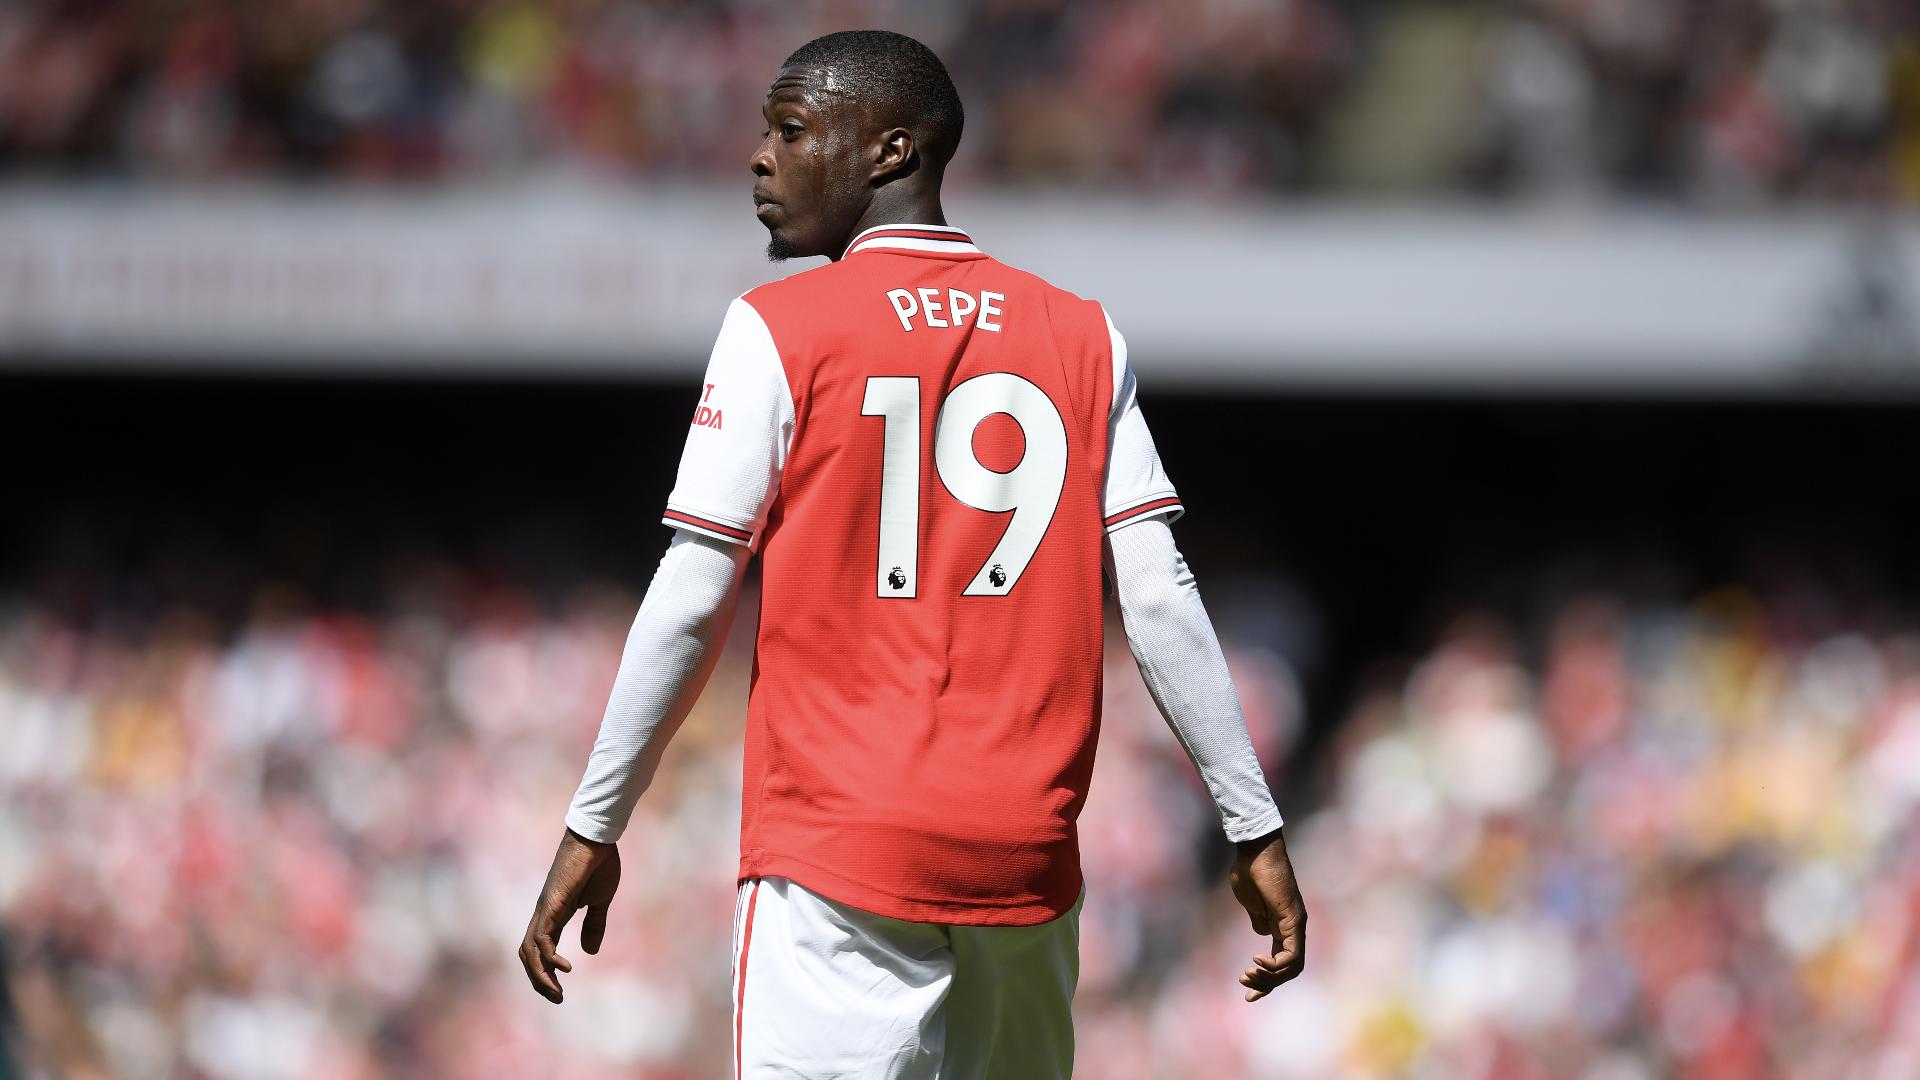 """Arsenal - Emery : """"Pépé est prêt à avoir plus de temps de jeu"""""""